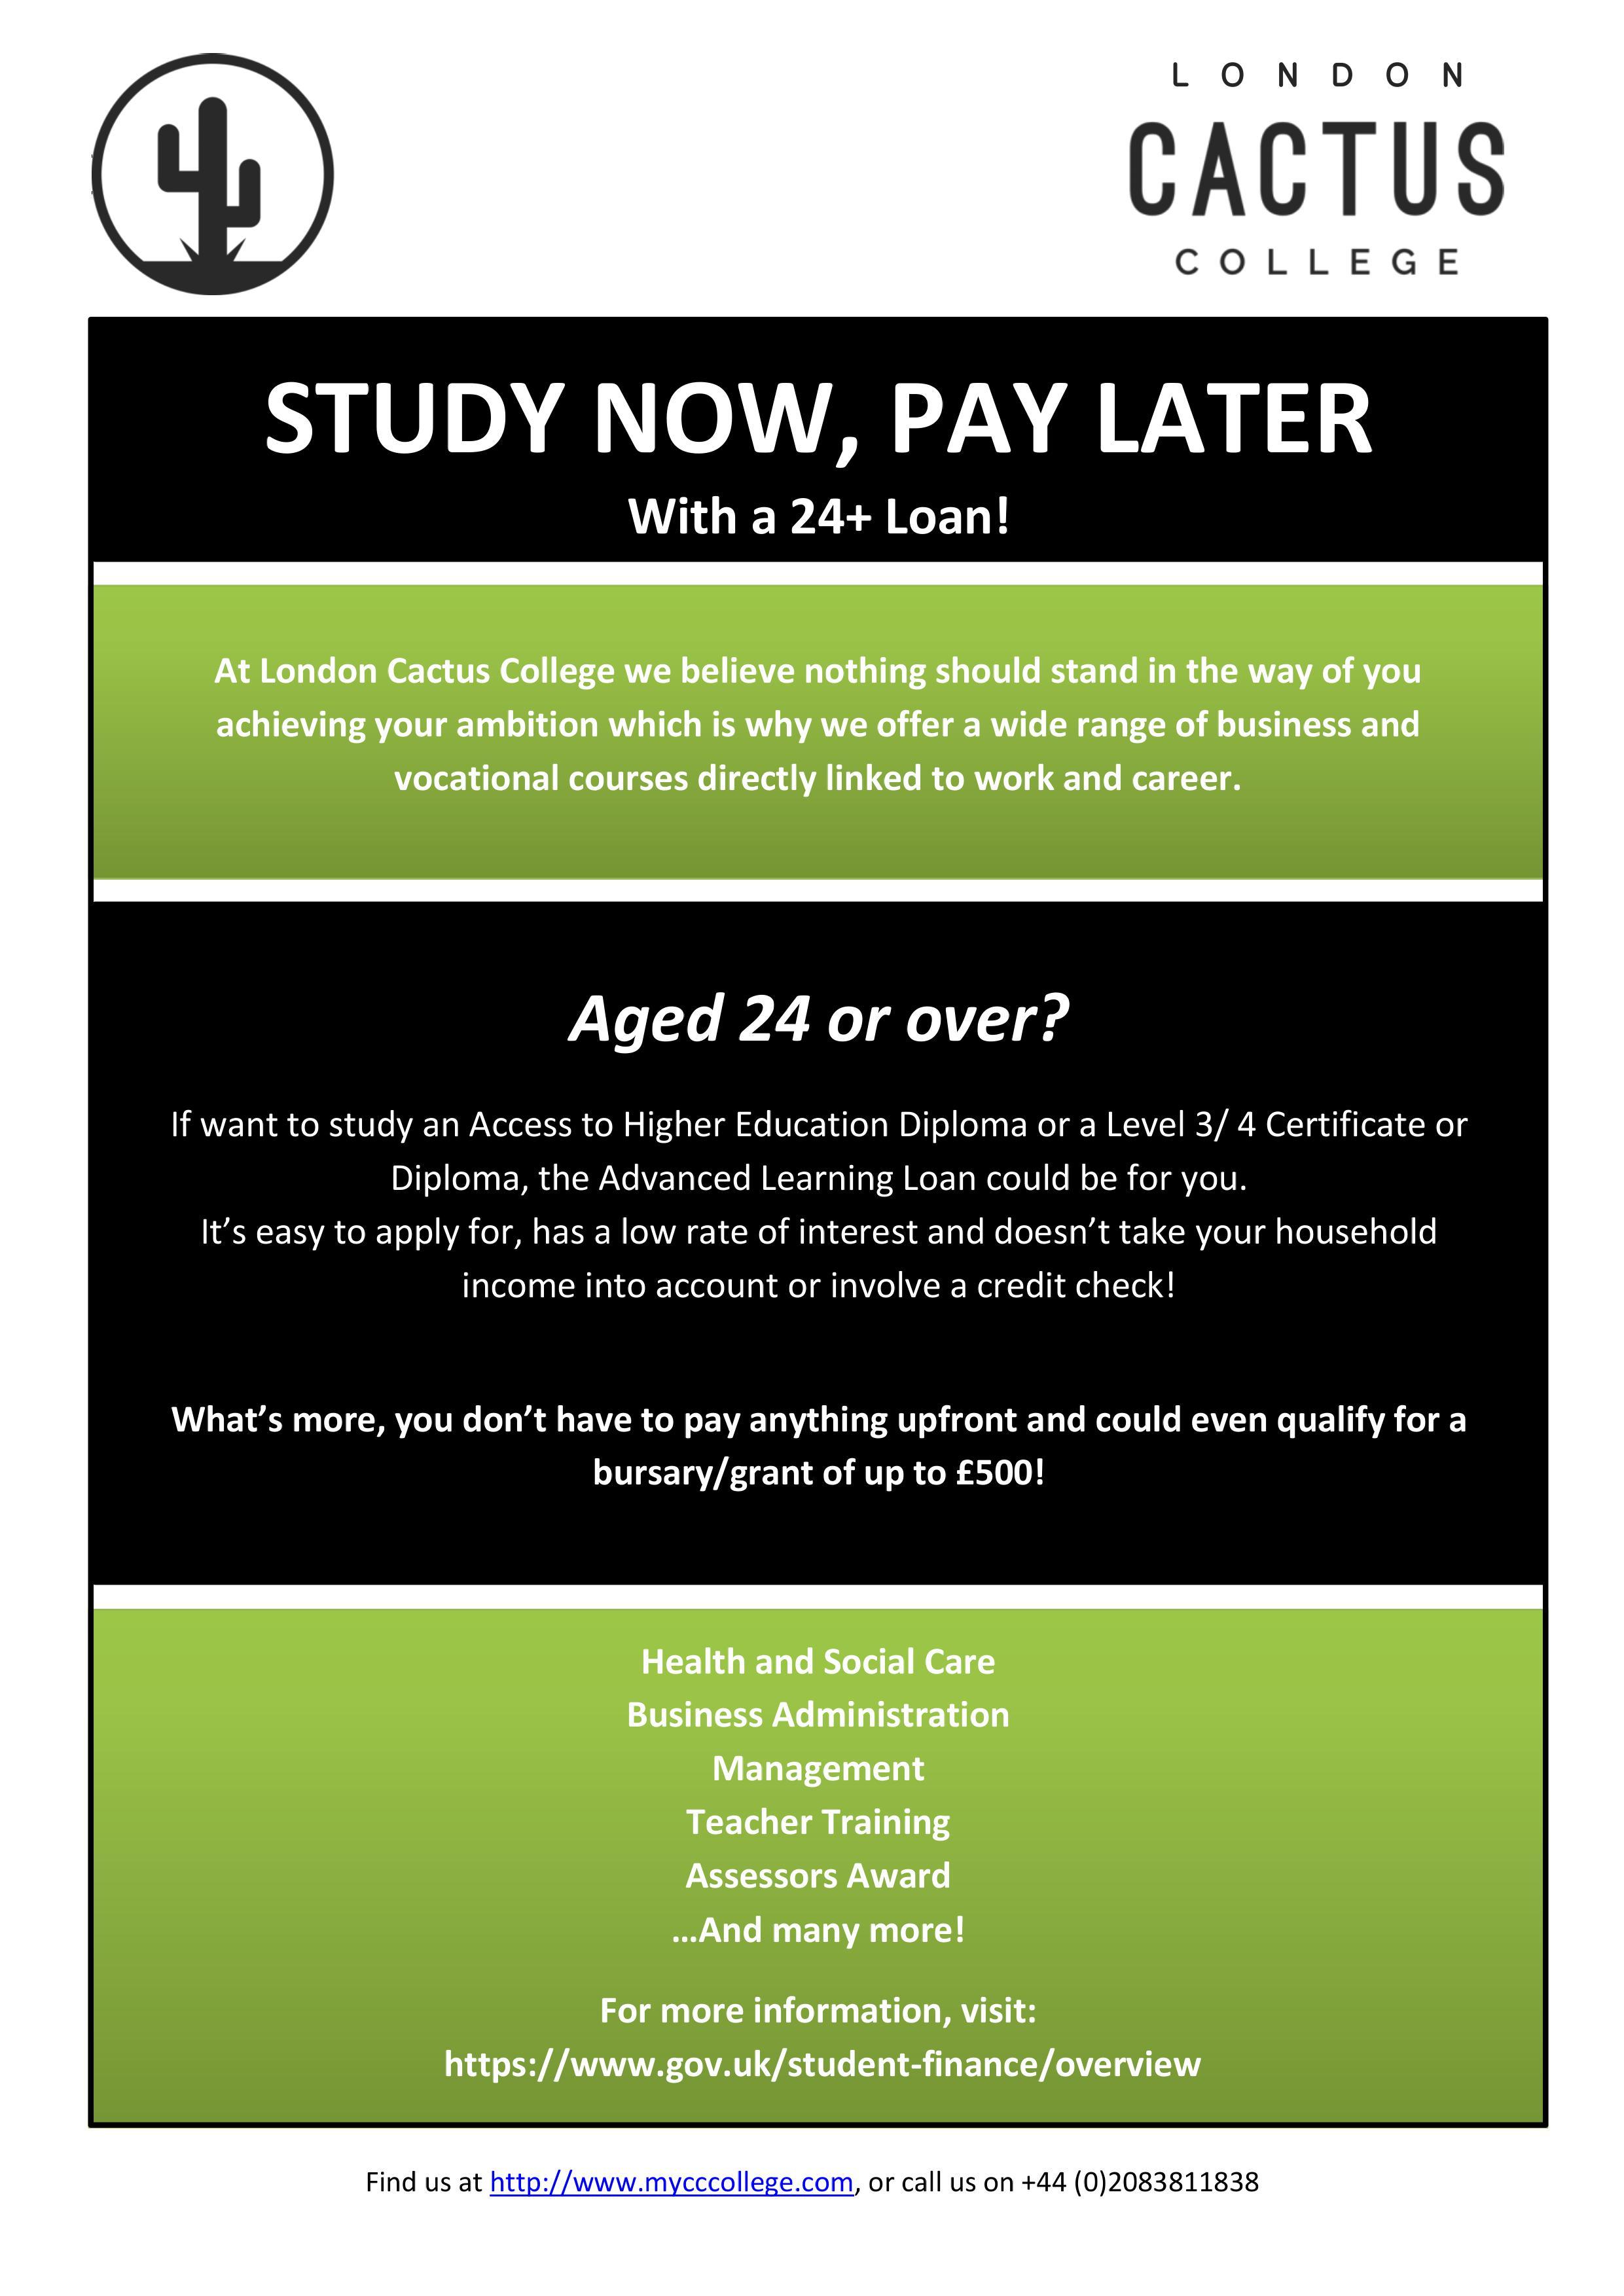 24+ Loan information